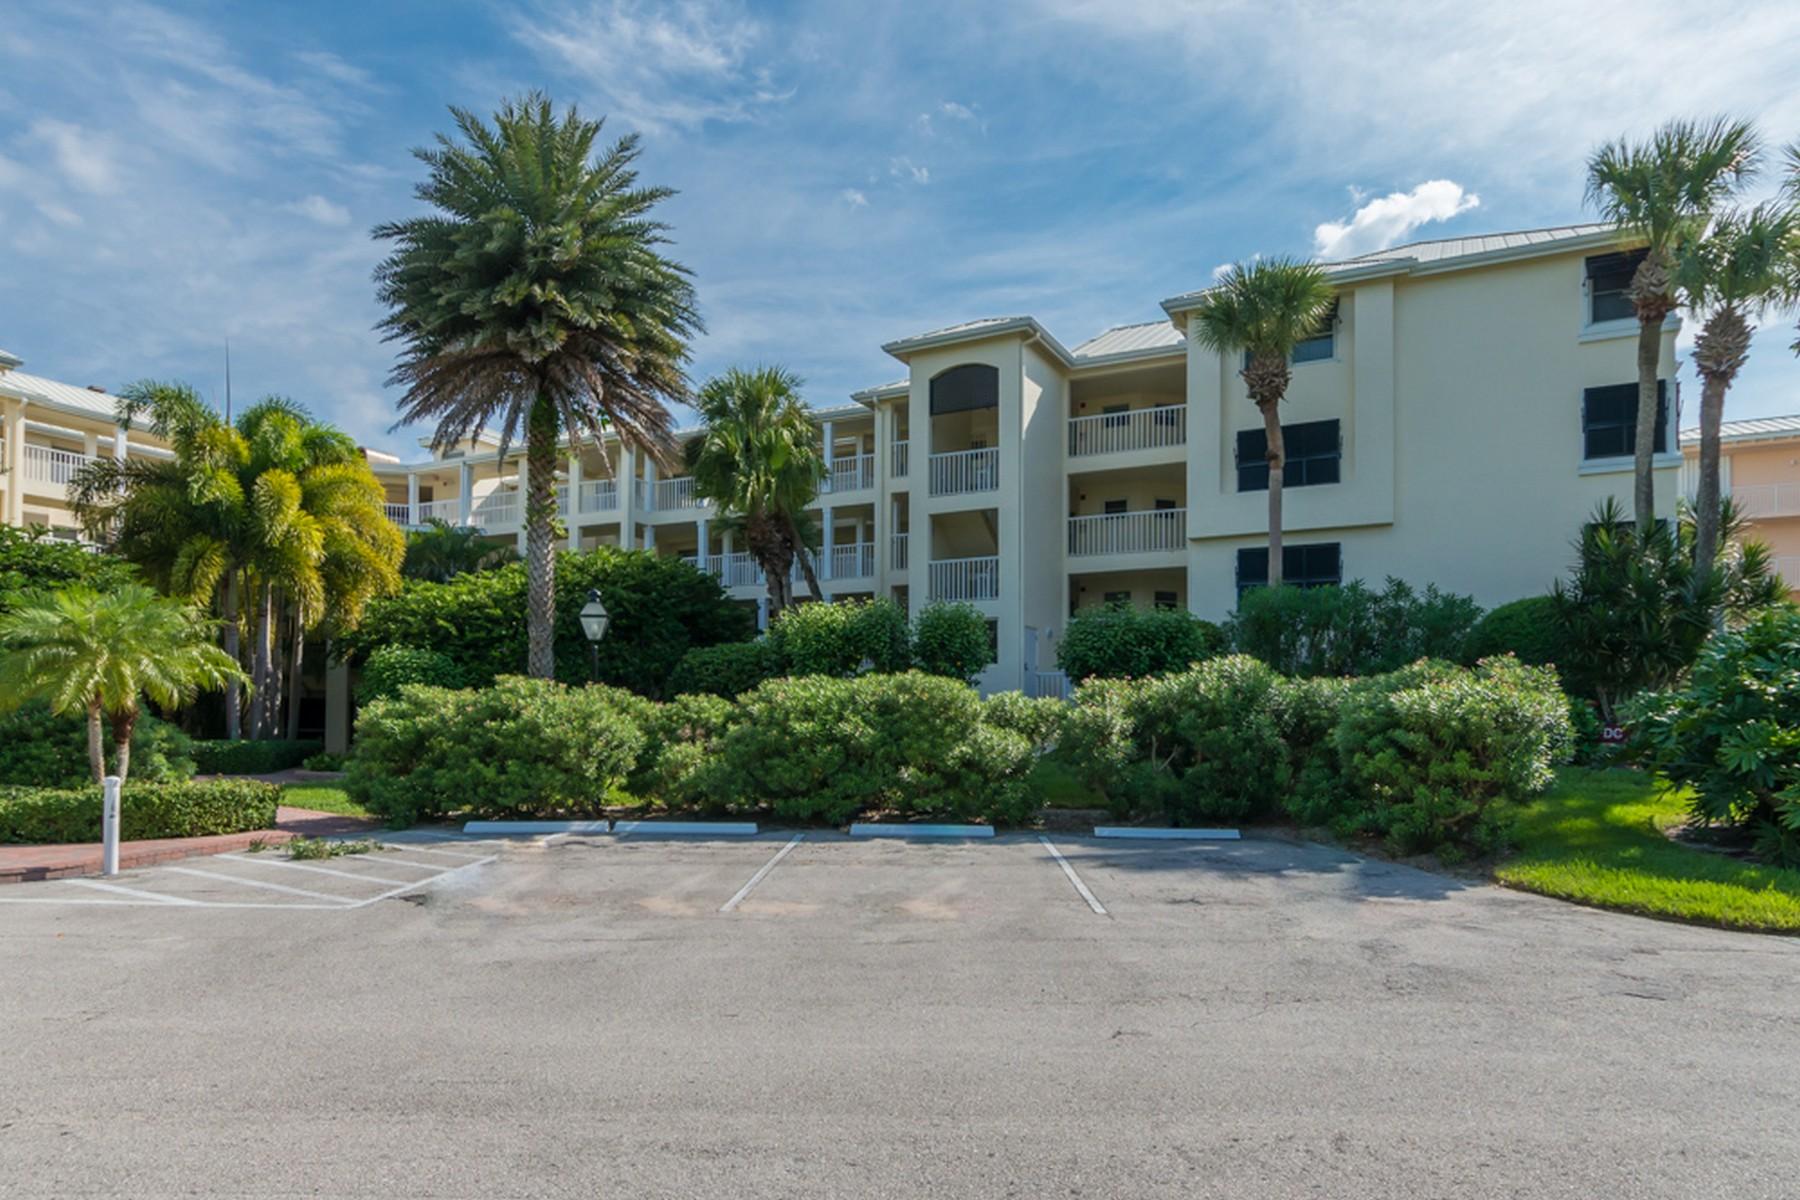 Condominio por un Venta en Stunning Sea Oaks Condo 8880 N Sea Oaks Way#306 Vero Beach, Florida, 32963 Estados Unidos